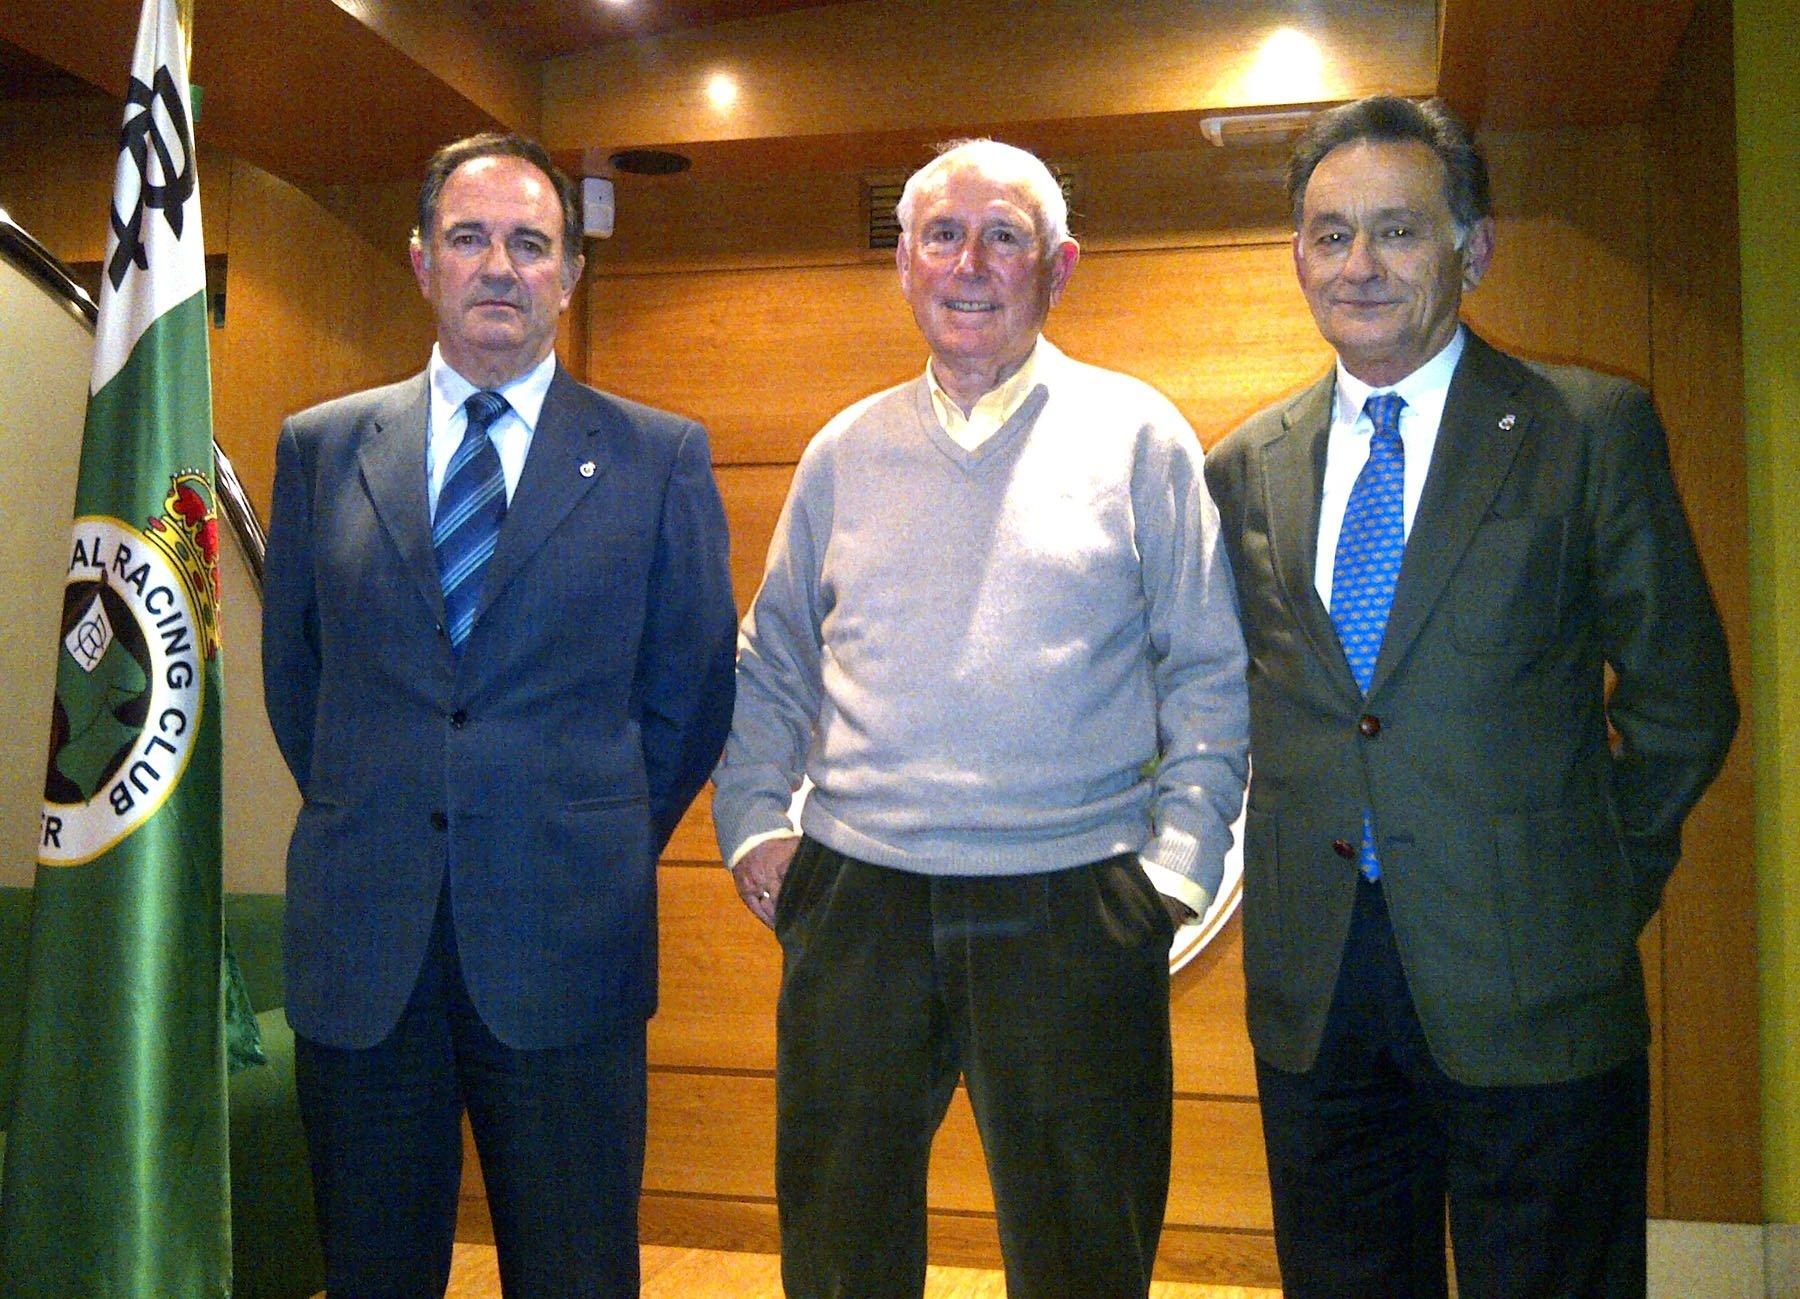 José Manuel Riancho, Laureano Ruiz y Pablo Galán representarán institucionalmente al Racing de Santander